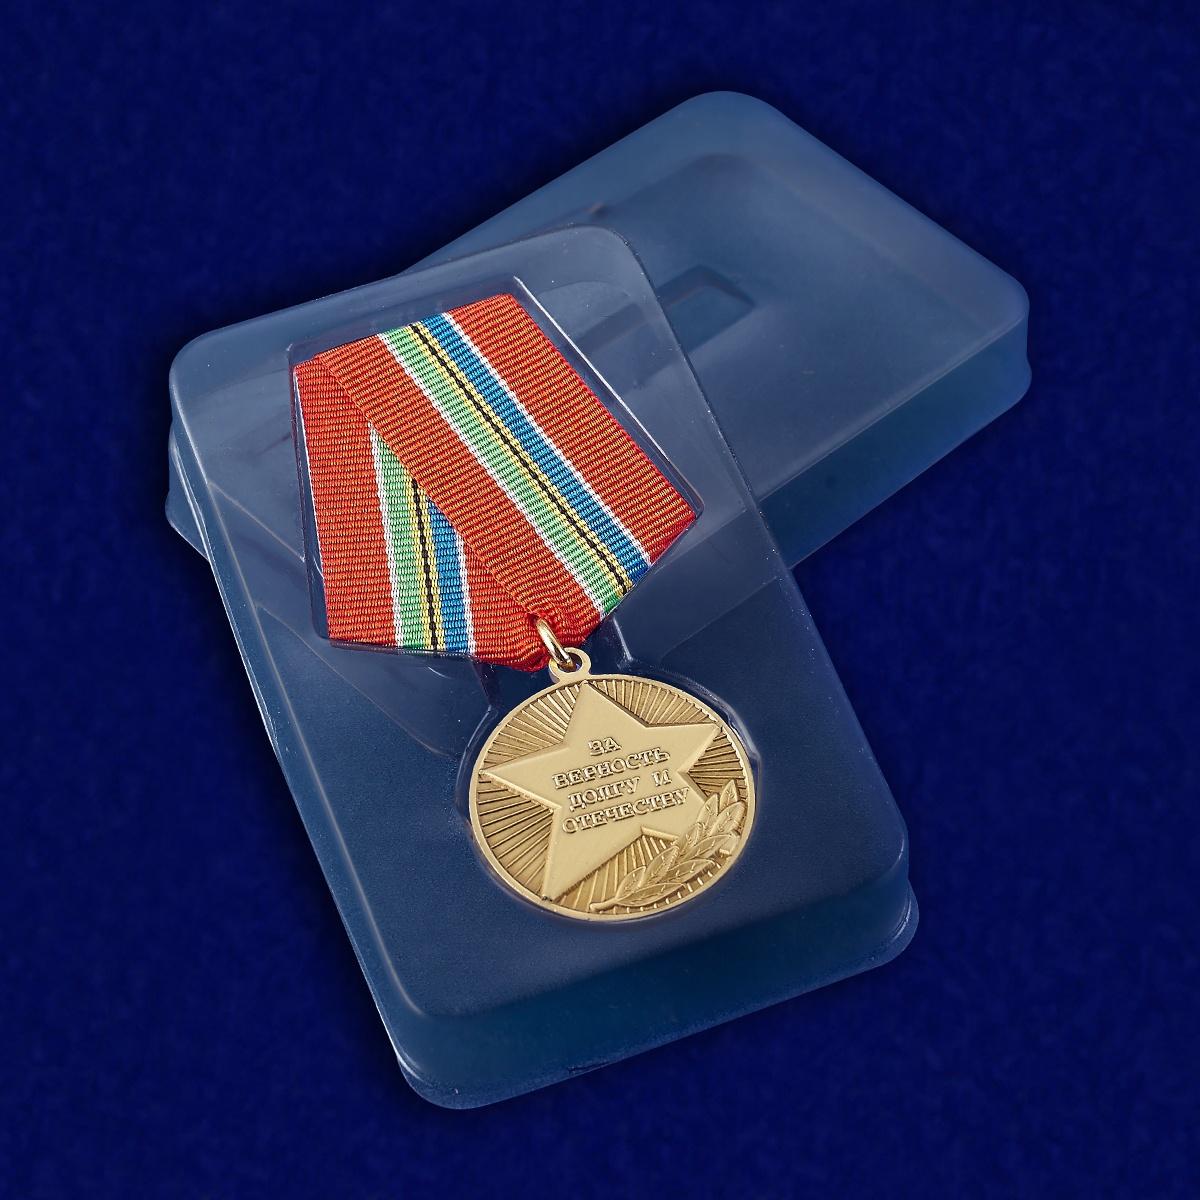 Футляр к медали «За верность долгу и Отечеству»